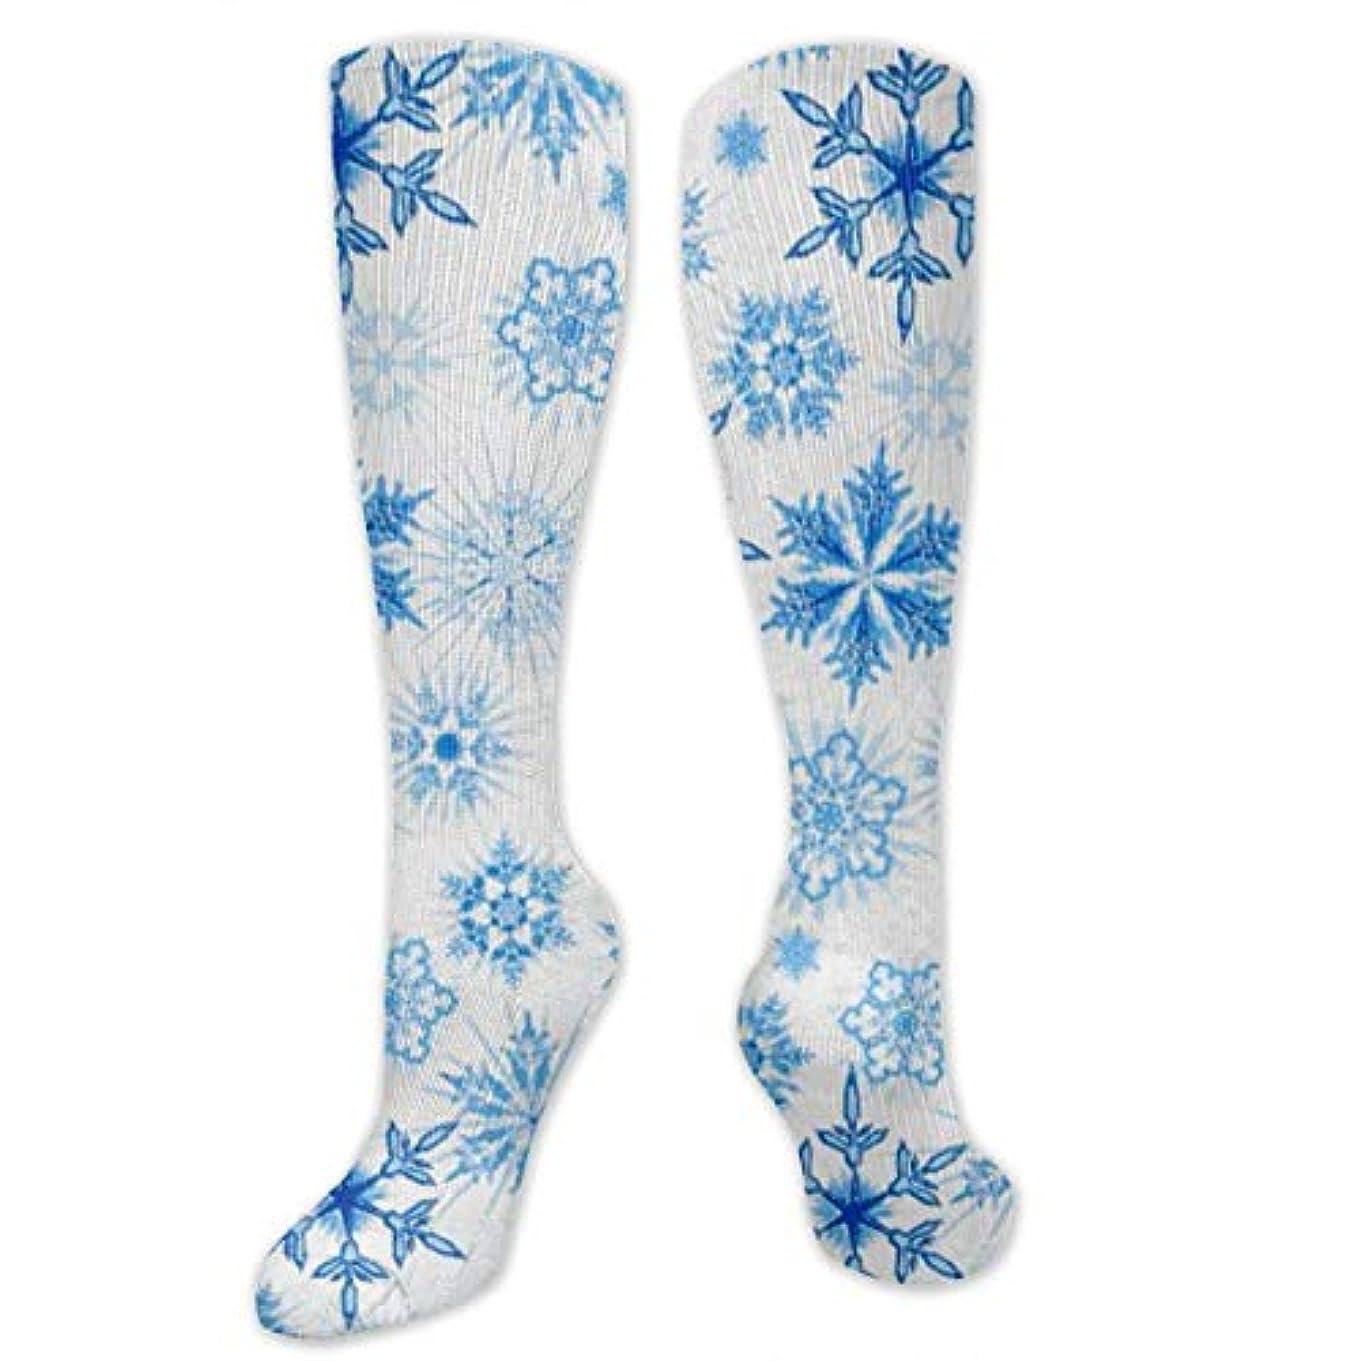 メールゲインセイご近所靴下,ストッキング,野生のジョーカー,実際,秋の本質,冬必須,サマーウェア&RBXAA Winter Frost Glitter Snowflakes Socks Women's Winter Cotton Long Tube...